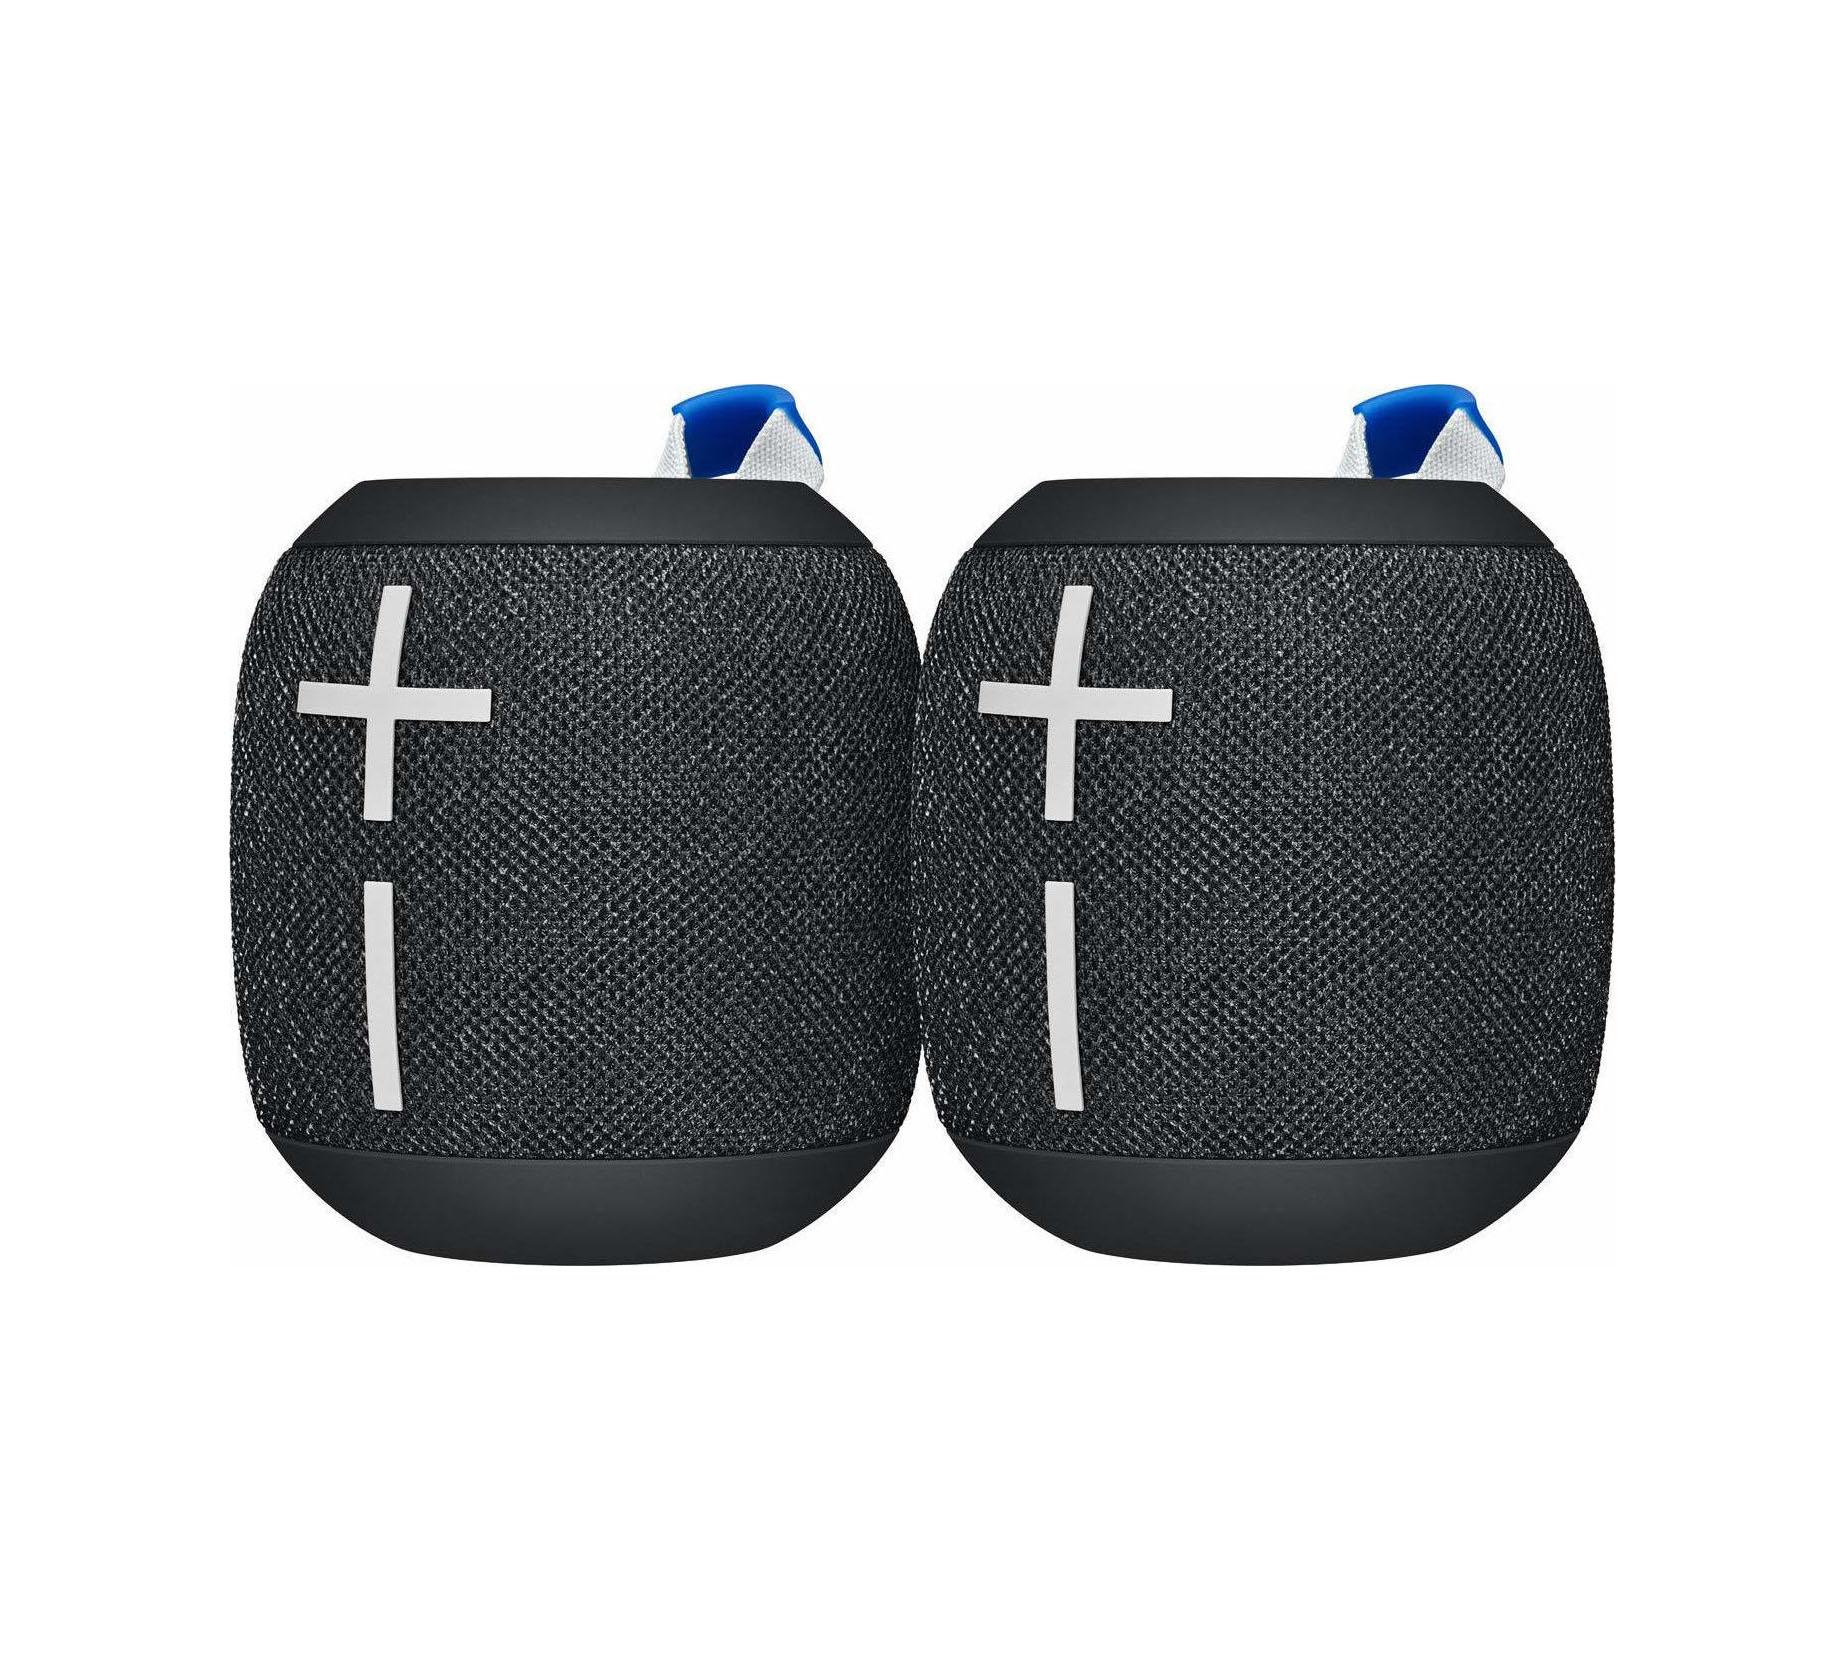 Ultimate Ears Wonderboom 2 Bluetooth Ηχείο Duo Pack Black 984-001658 Πληρωμή έως 24 δόσεις